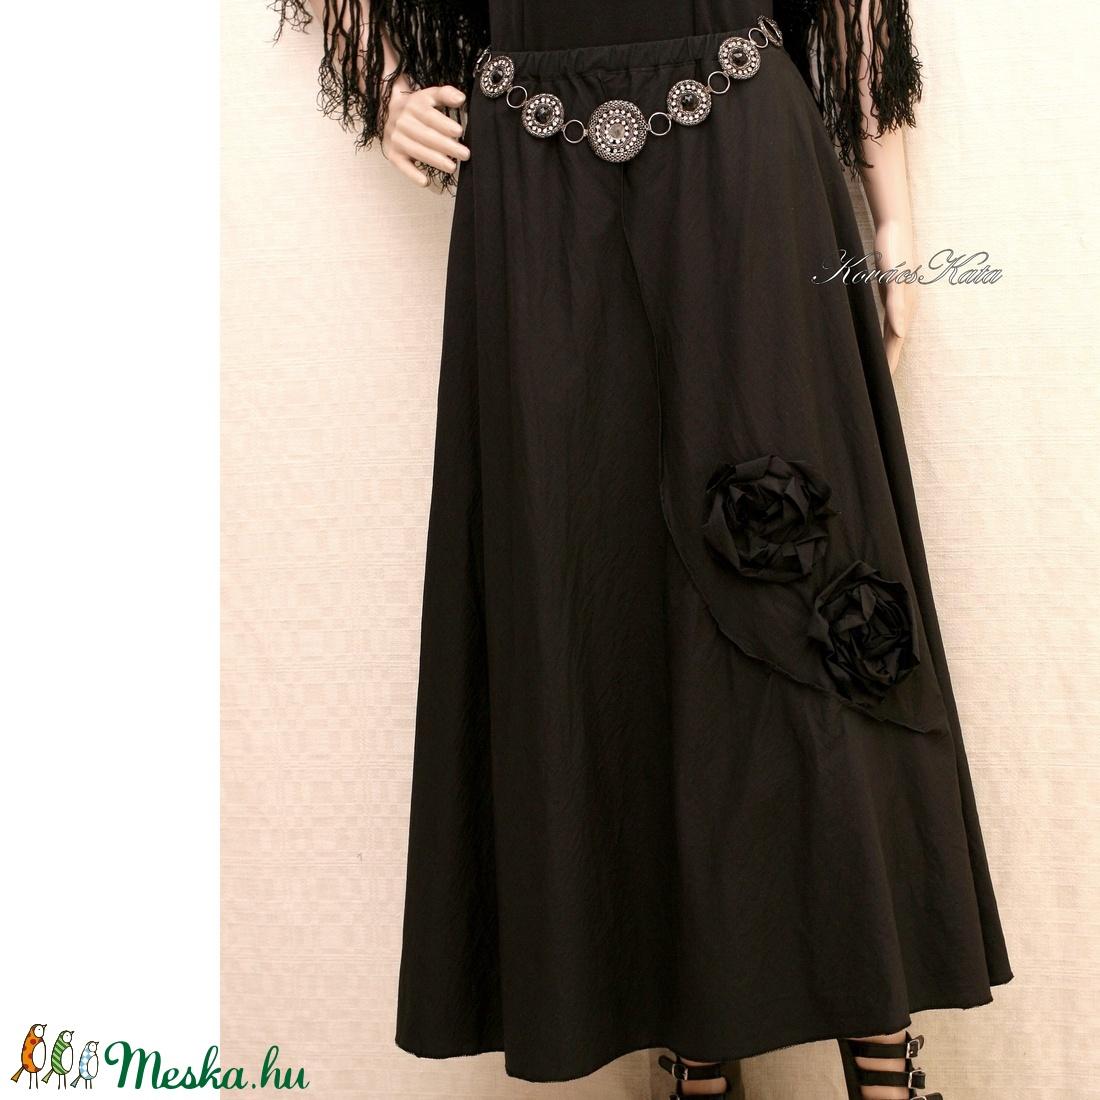 HETTY - applikált design-szoknya  - ruha & divat - női ruha - szoknya - Meska.hu